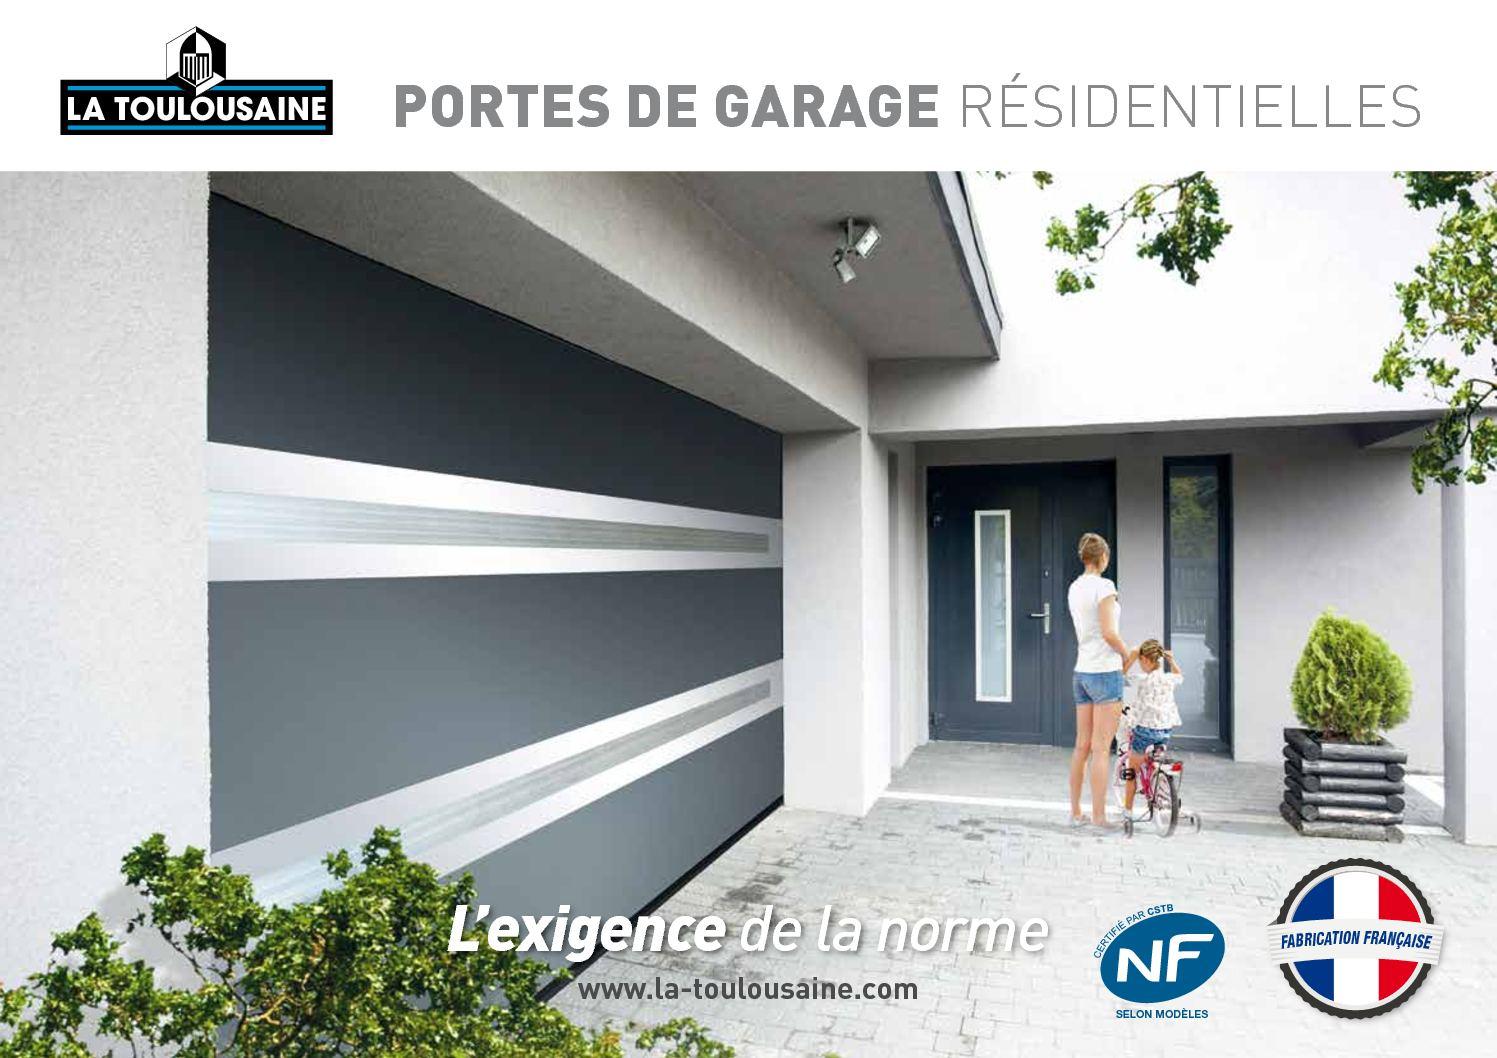 Calaméo Catalogue Portes De Garage La Toulousaine - La toulousaine porte de garage enroulable